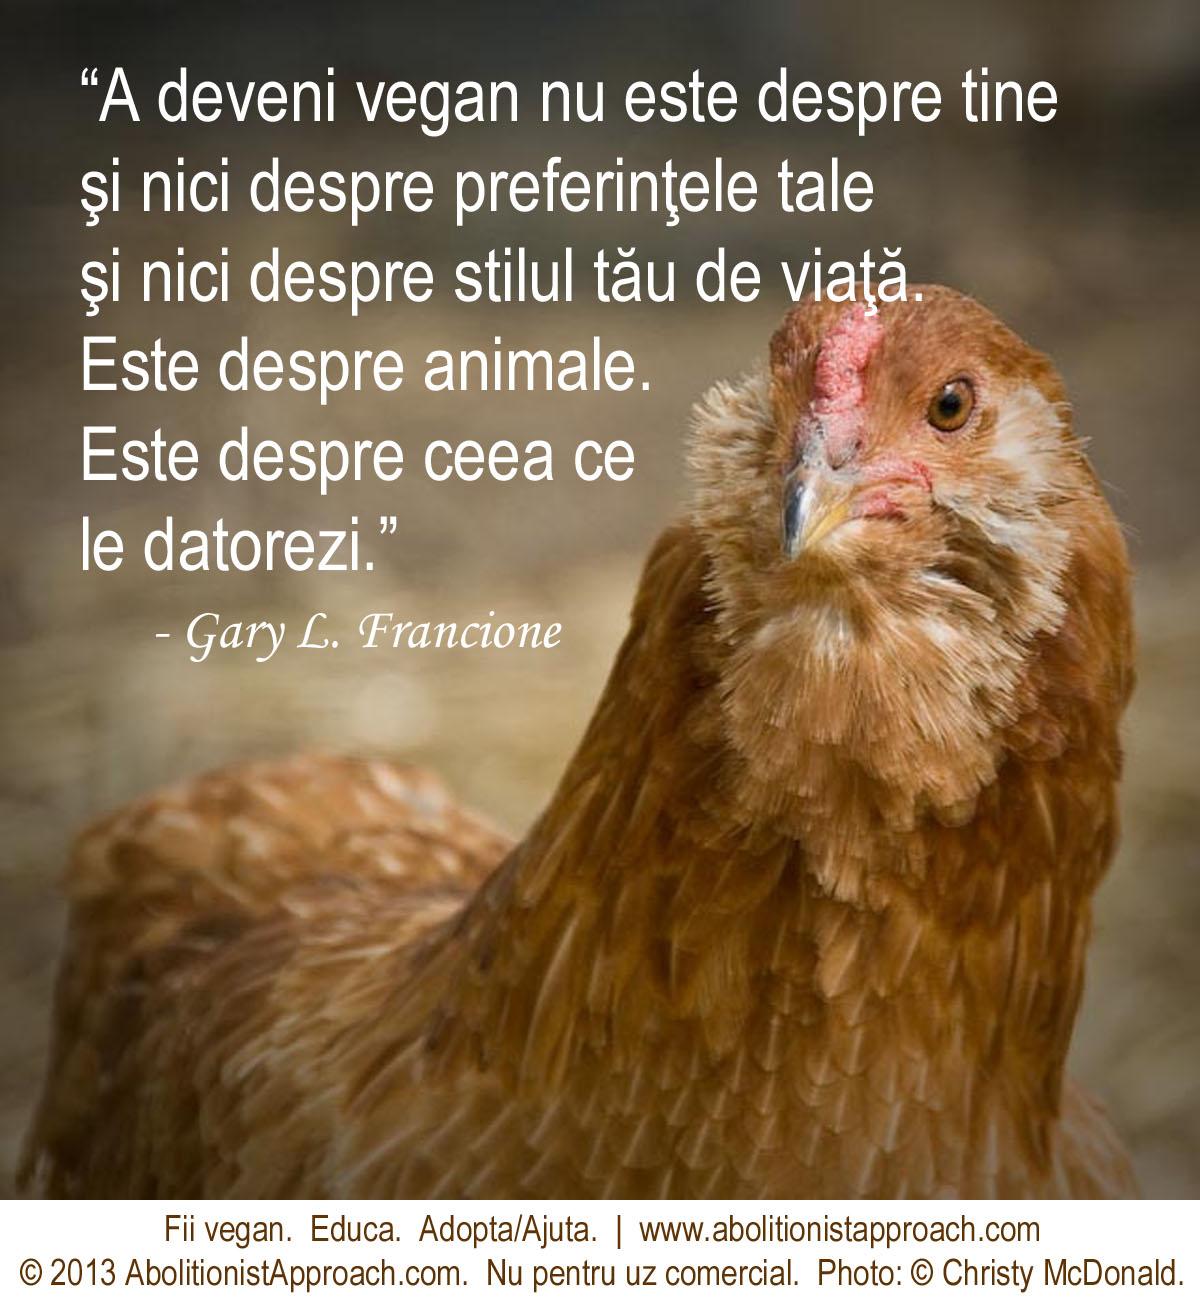 A deveni vegan nu este despre tine